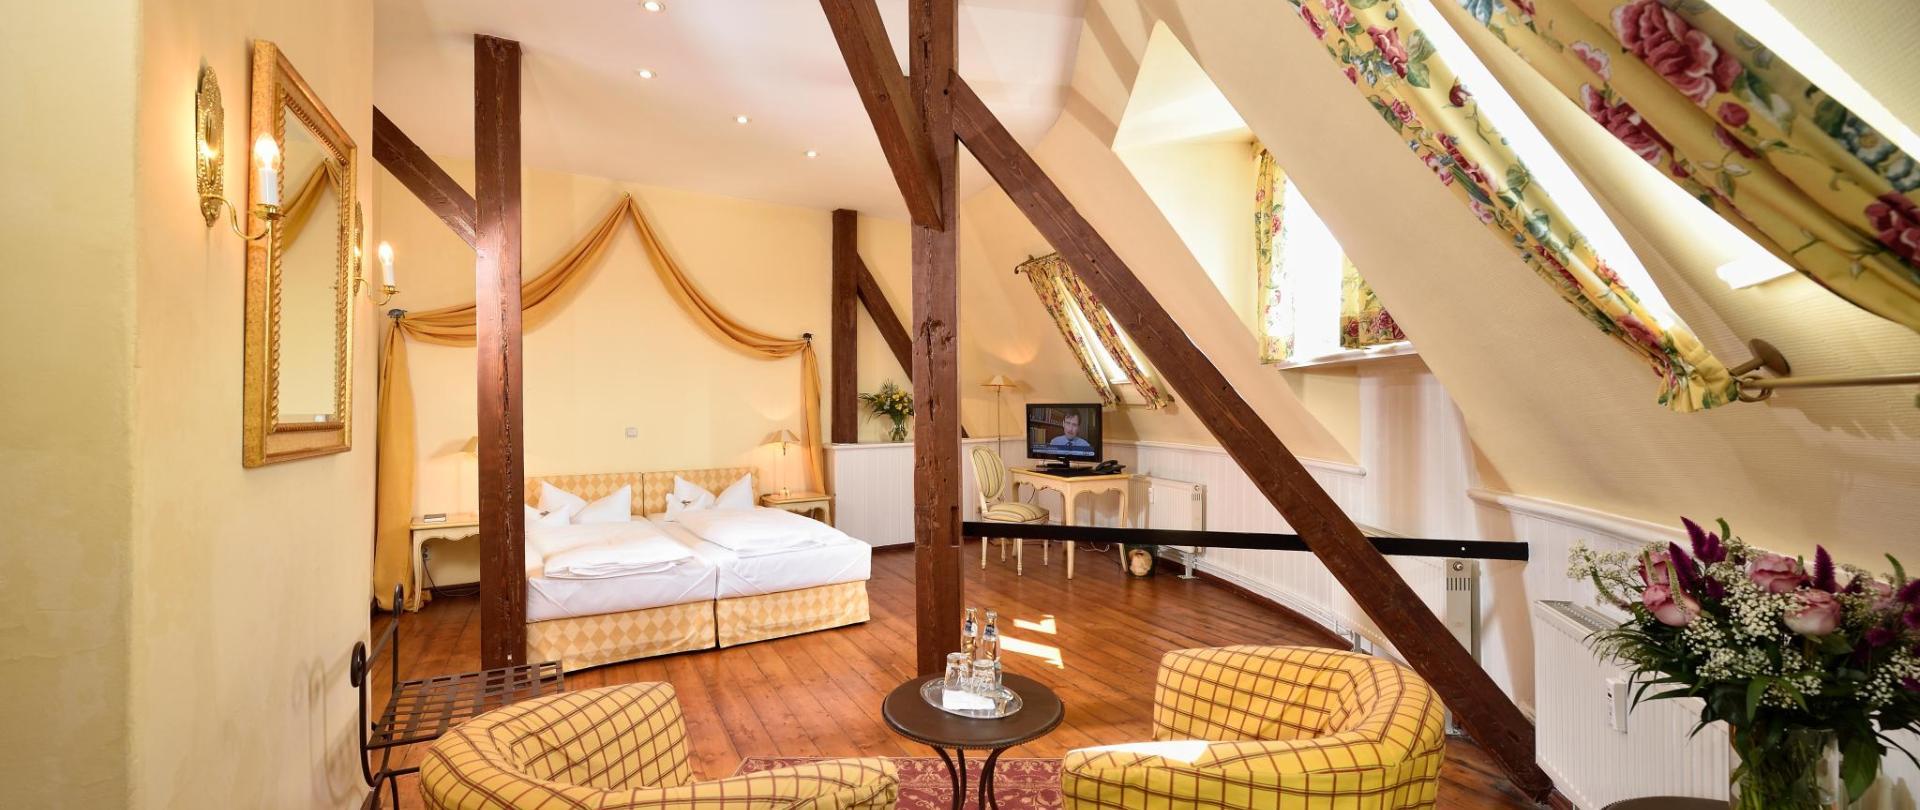 Hotel_GvM_063.jpg